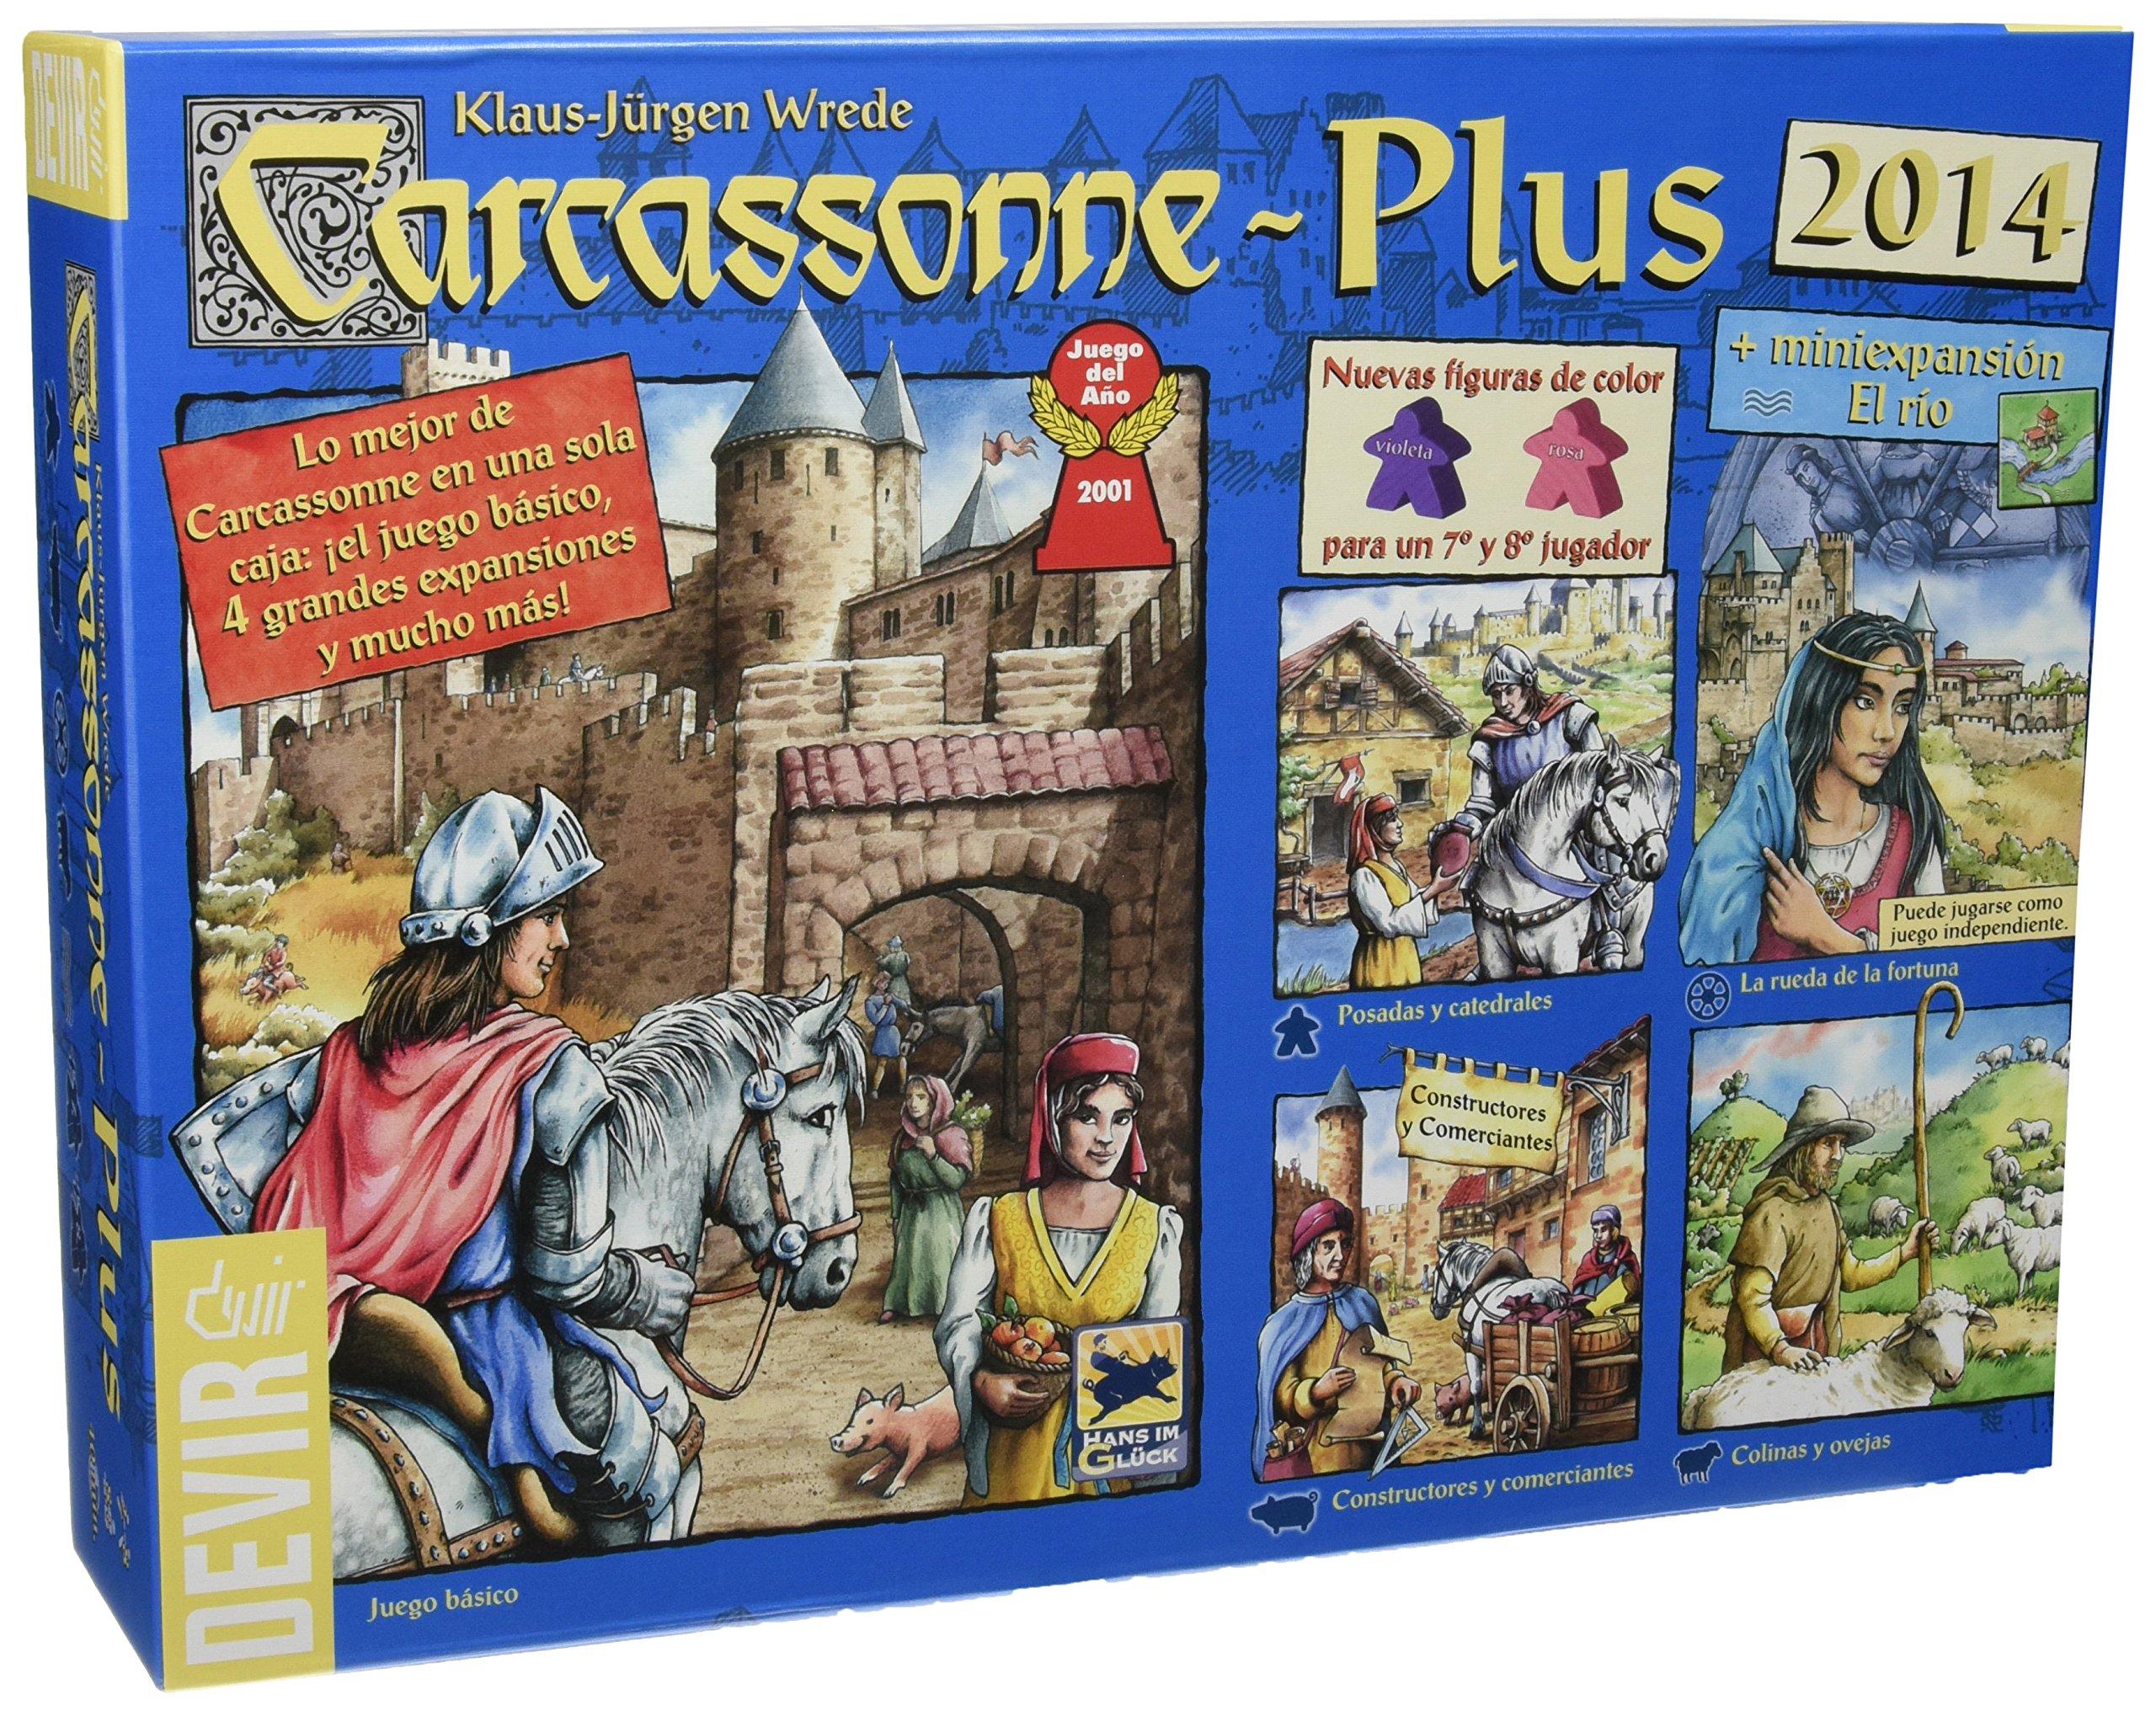 Devir - Carcassonne Plus 2014, juego de tablero: Amazon.es: Juguetes y juegos